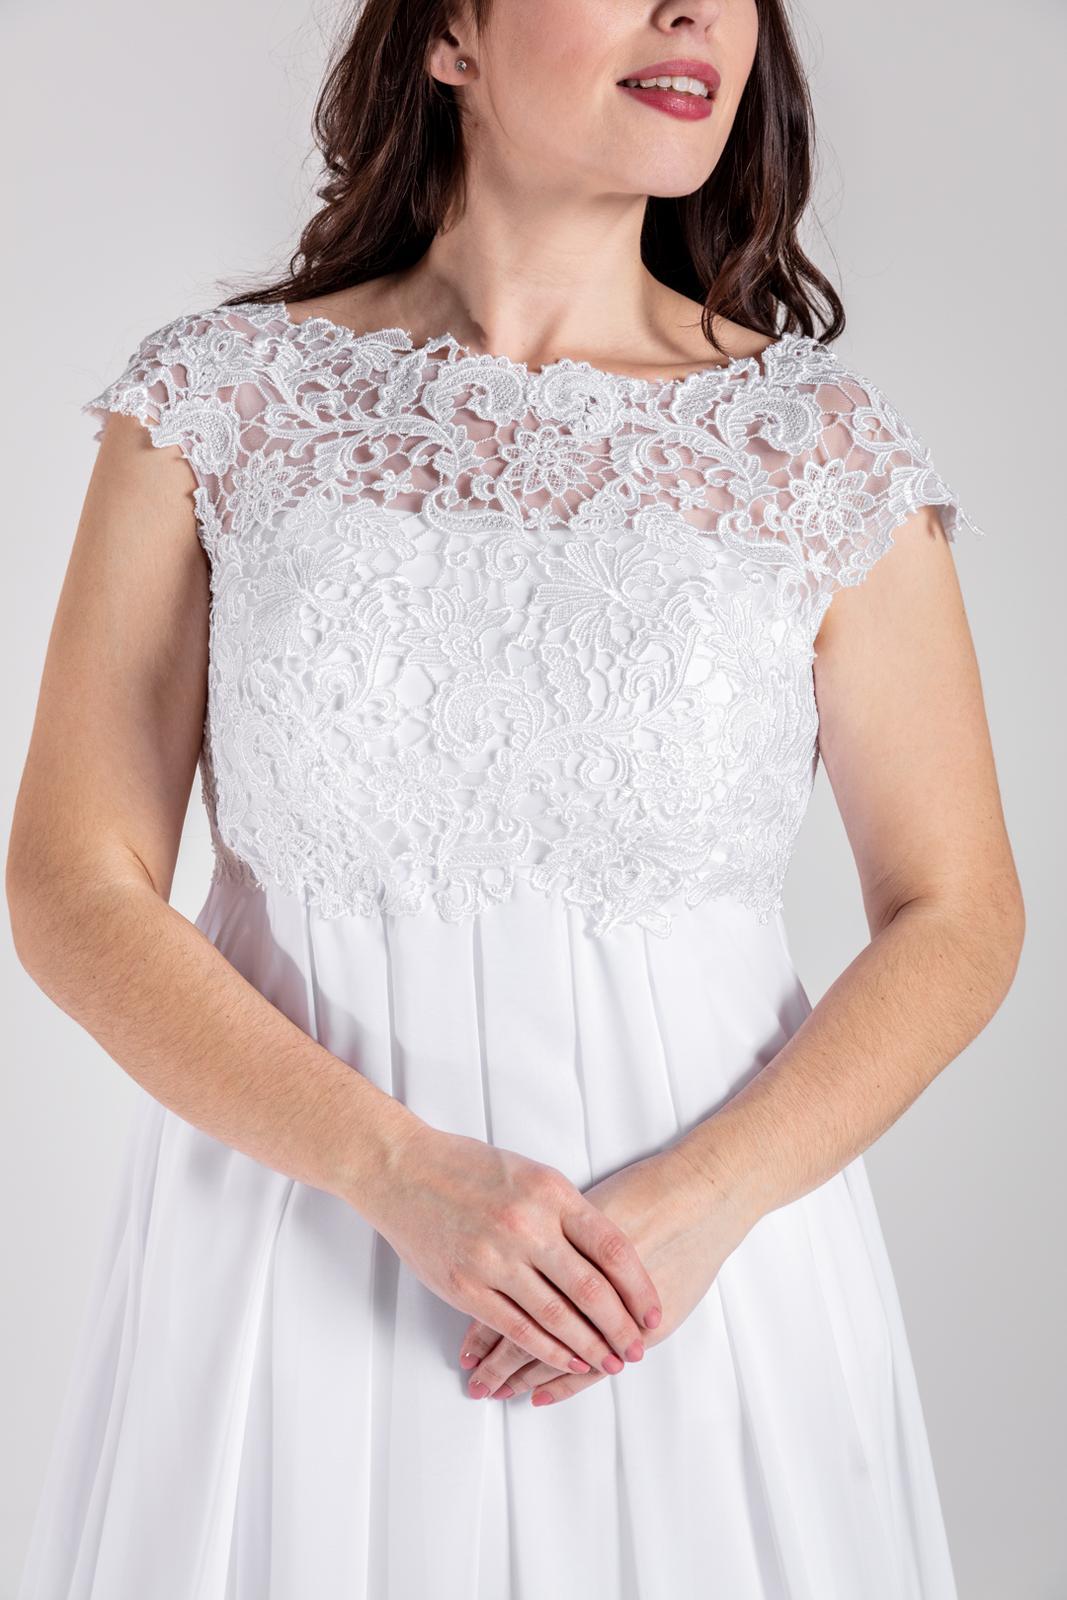 Těhotenské svatební šaty, vel 38-46 - Obrázek č. 1